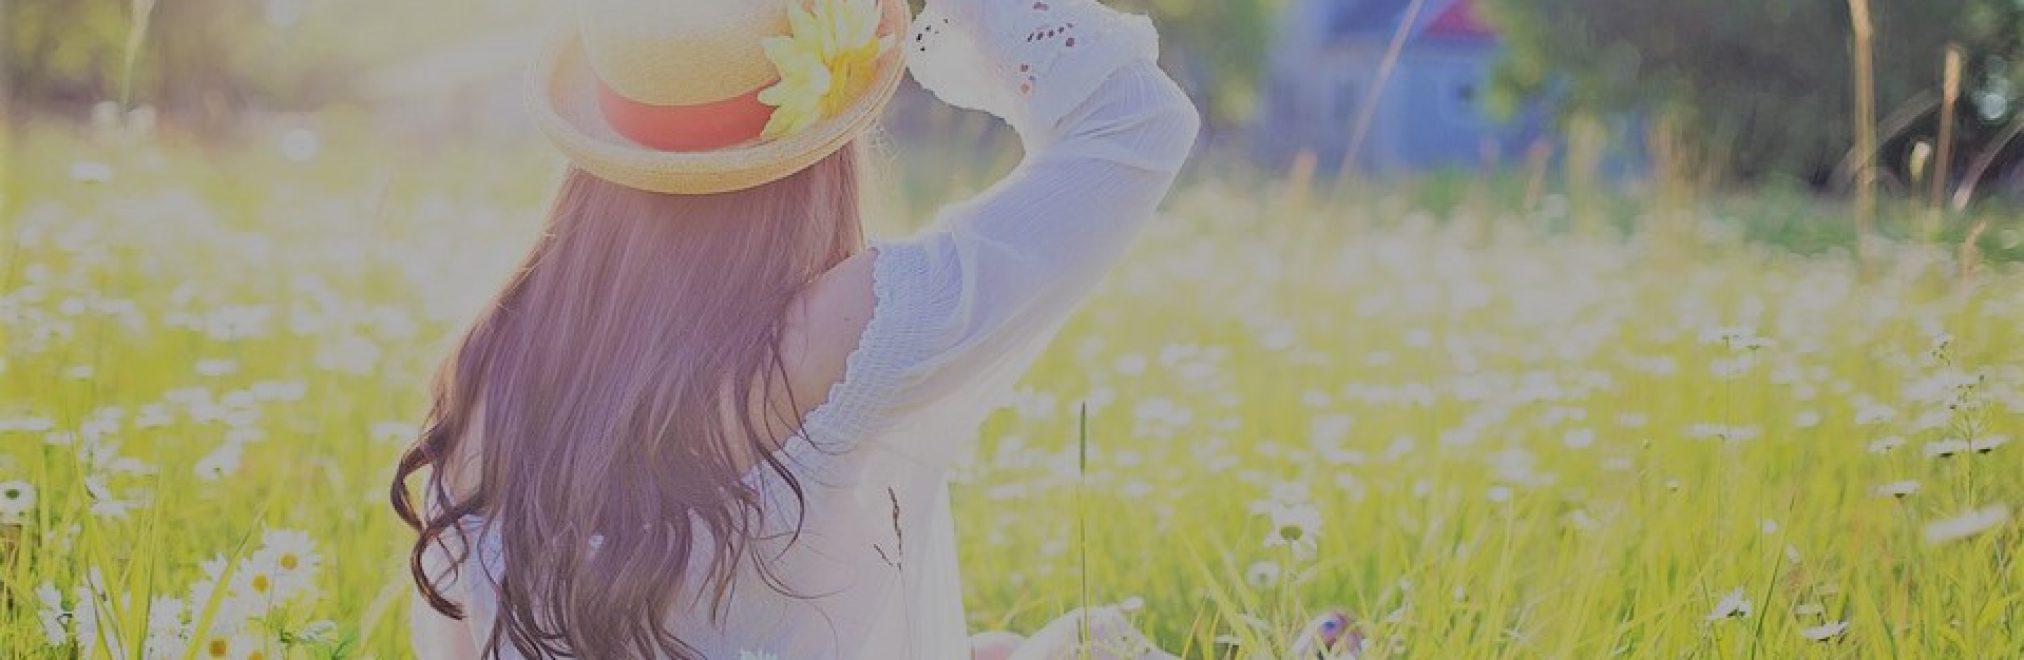 pretty-woman-1509956_960_720